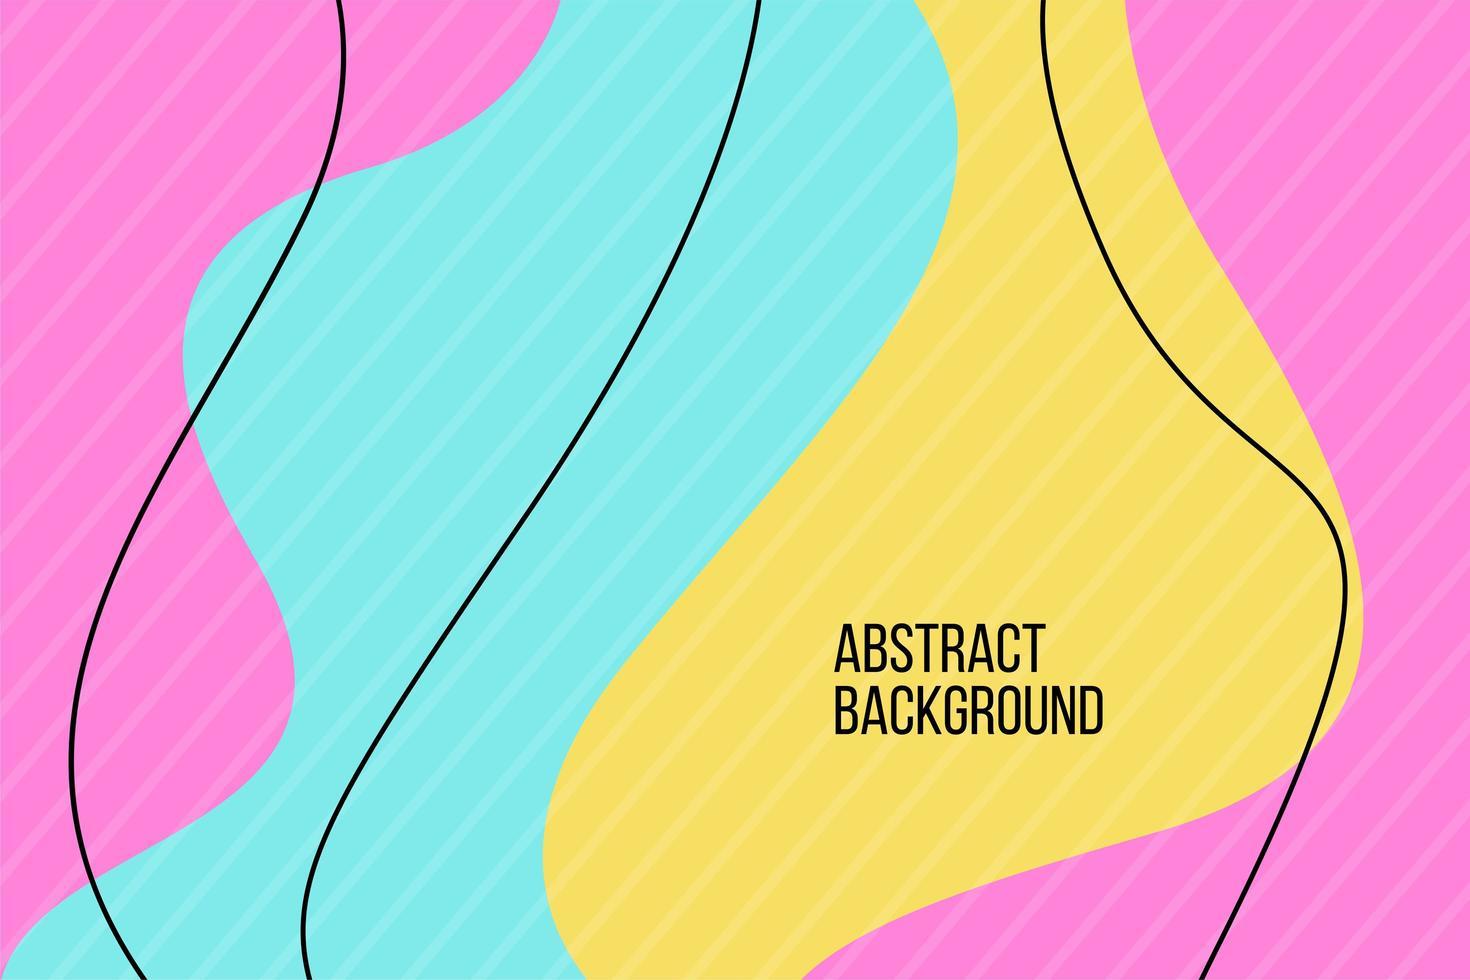 abstraktes rosa, gelbes und blaues flaches flüssiges Design vektor